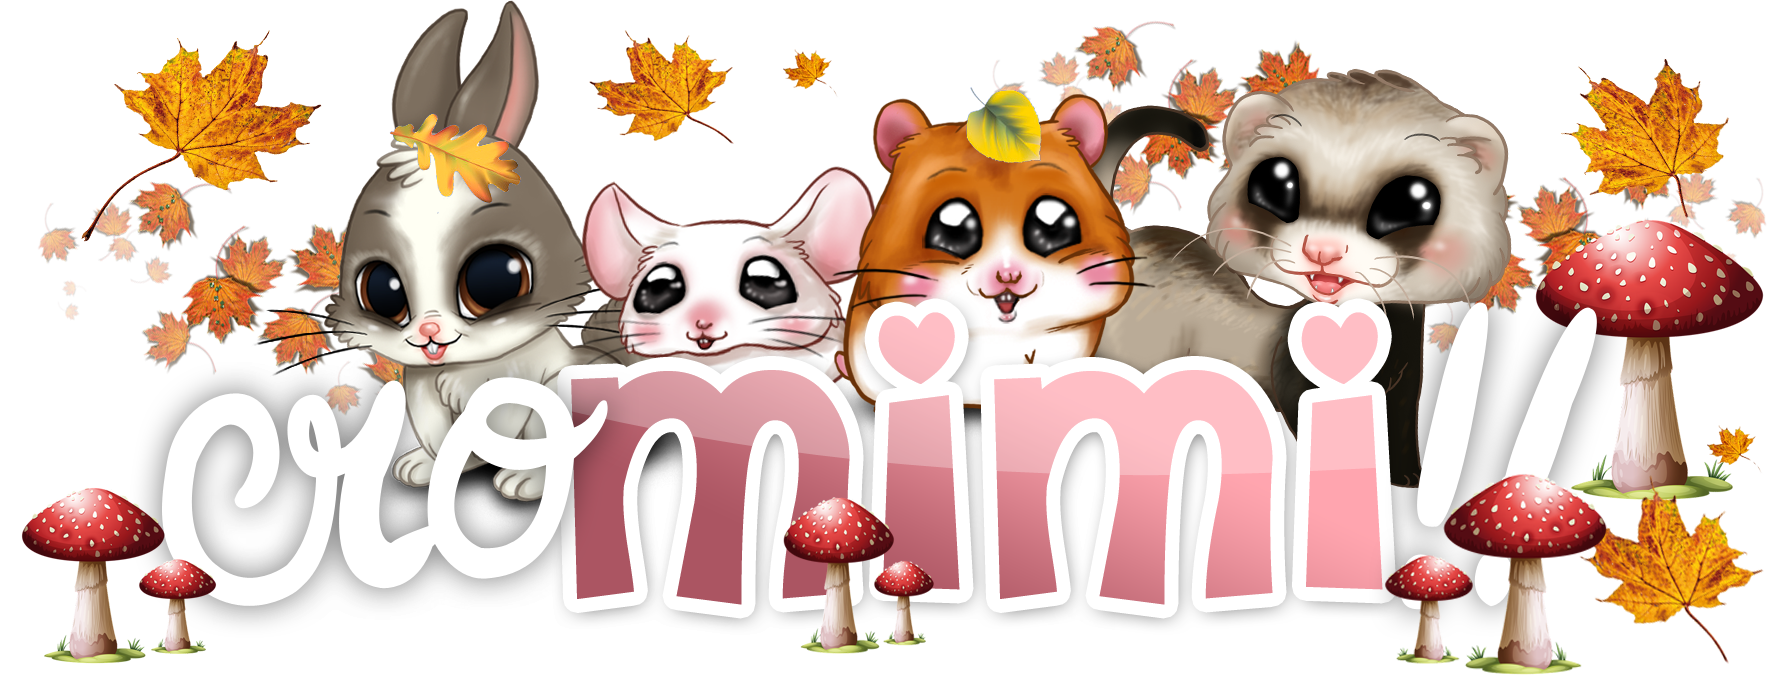 Juego de Cría de Animales Virtuales de Chicas y Chicos - Cromimi